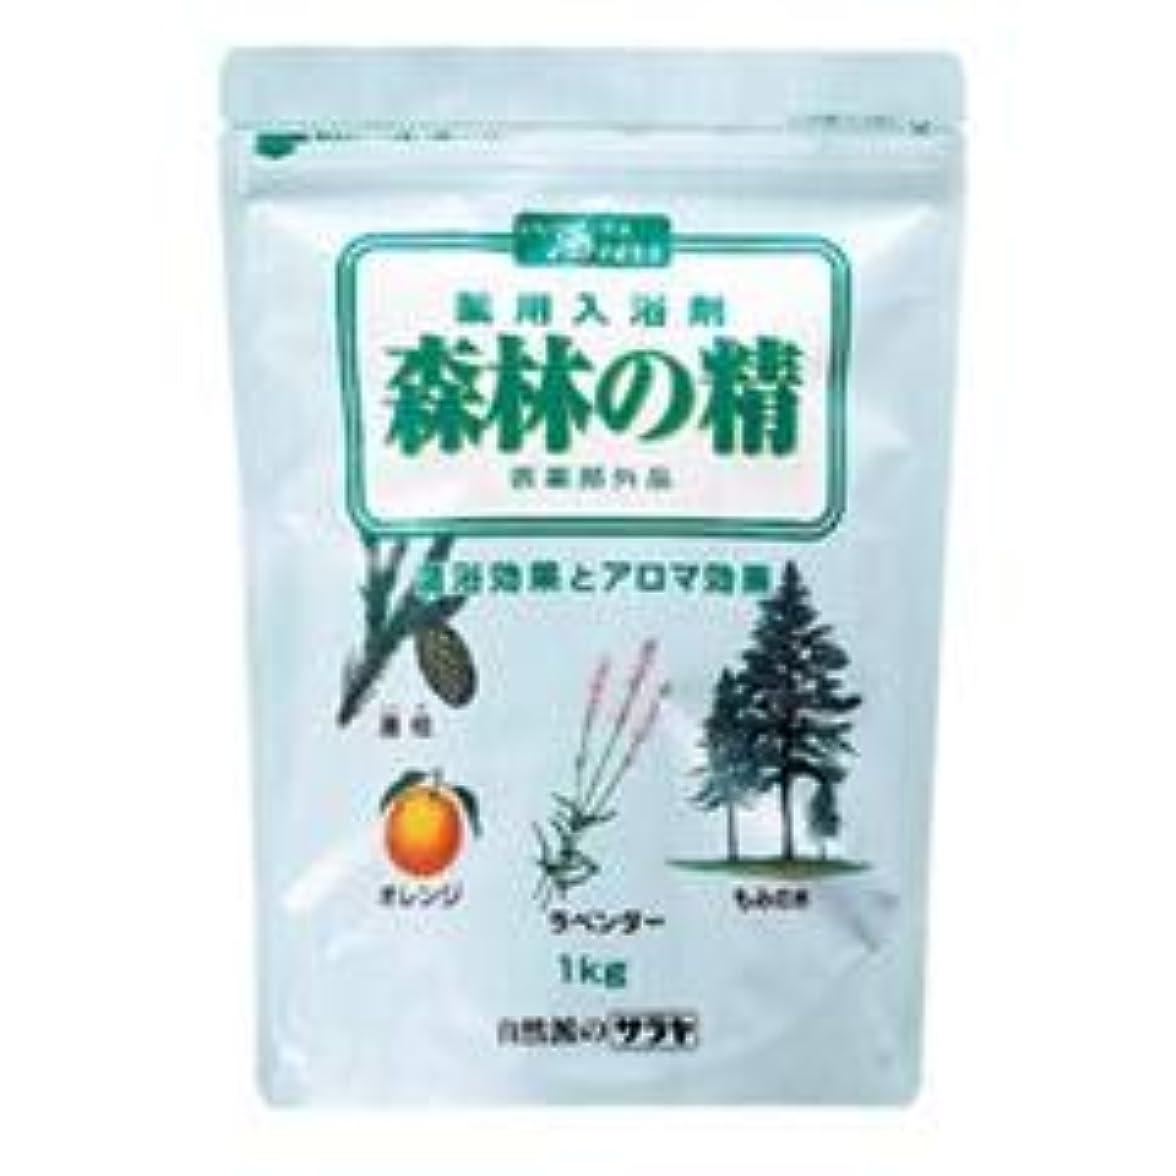 スノーケル乱すサンプルサラヤ 薬用入浴剤 森林の精 チャック付 1kg